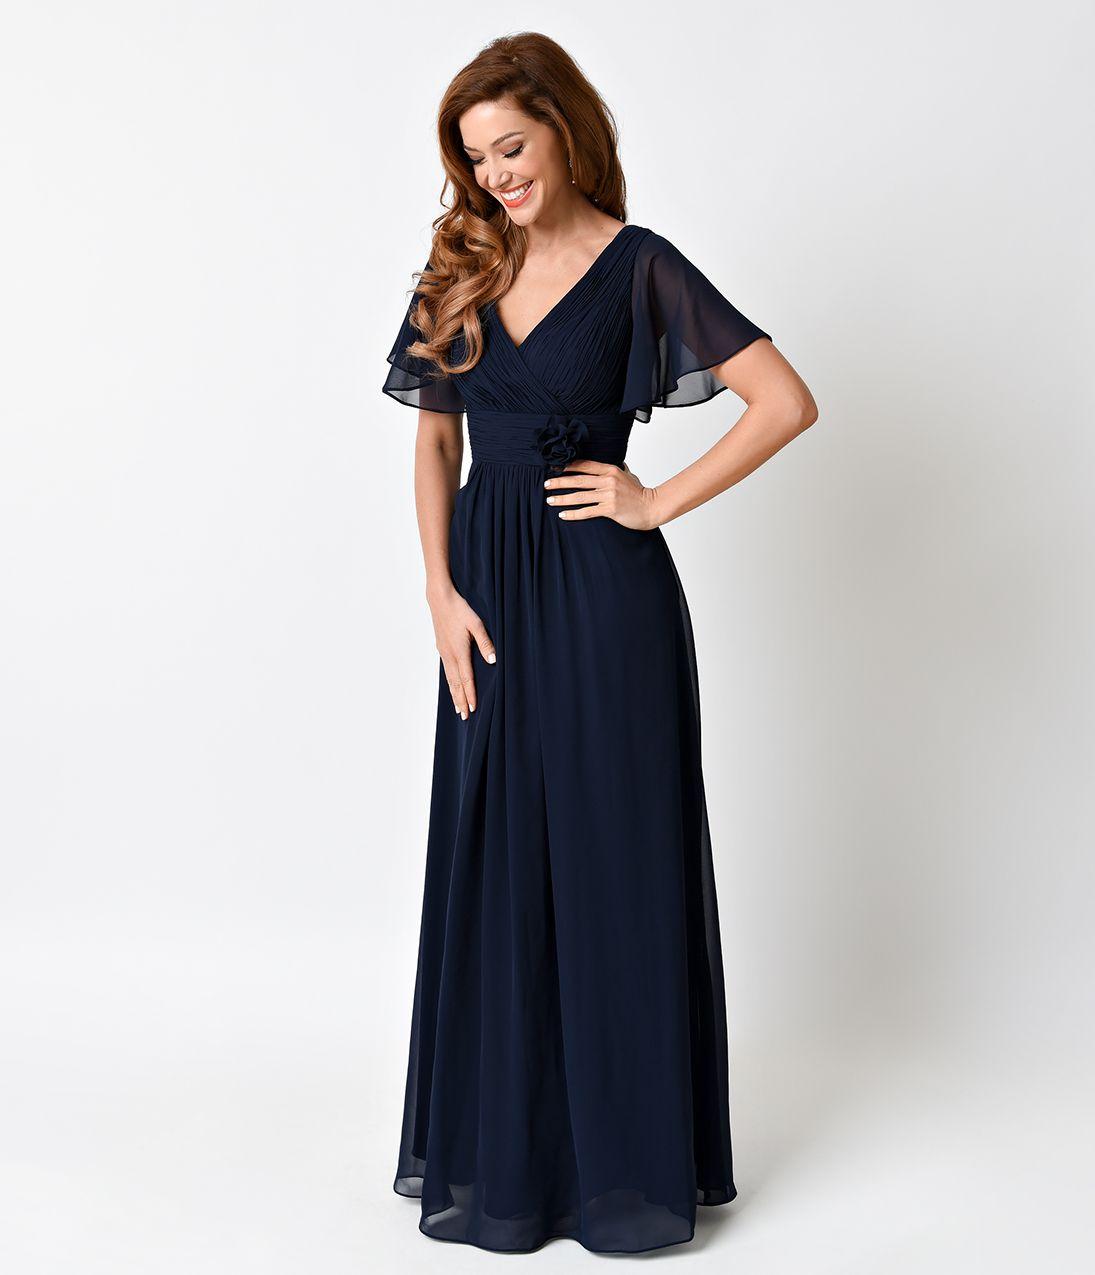 s Evening Dress Art Deco Gown Party Dress Dress Ideas